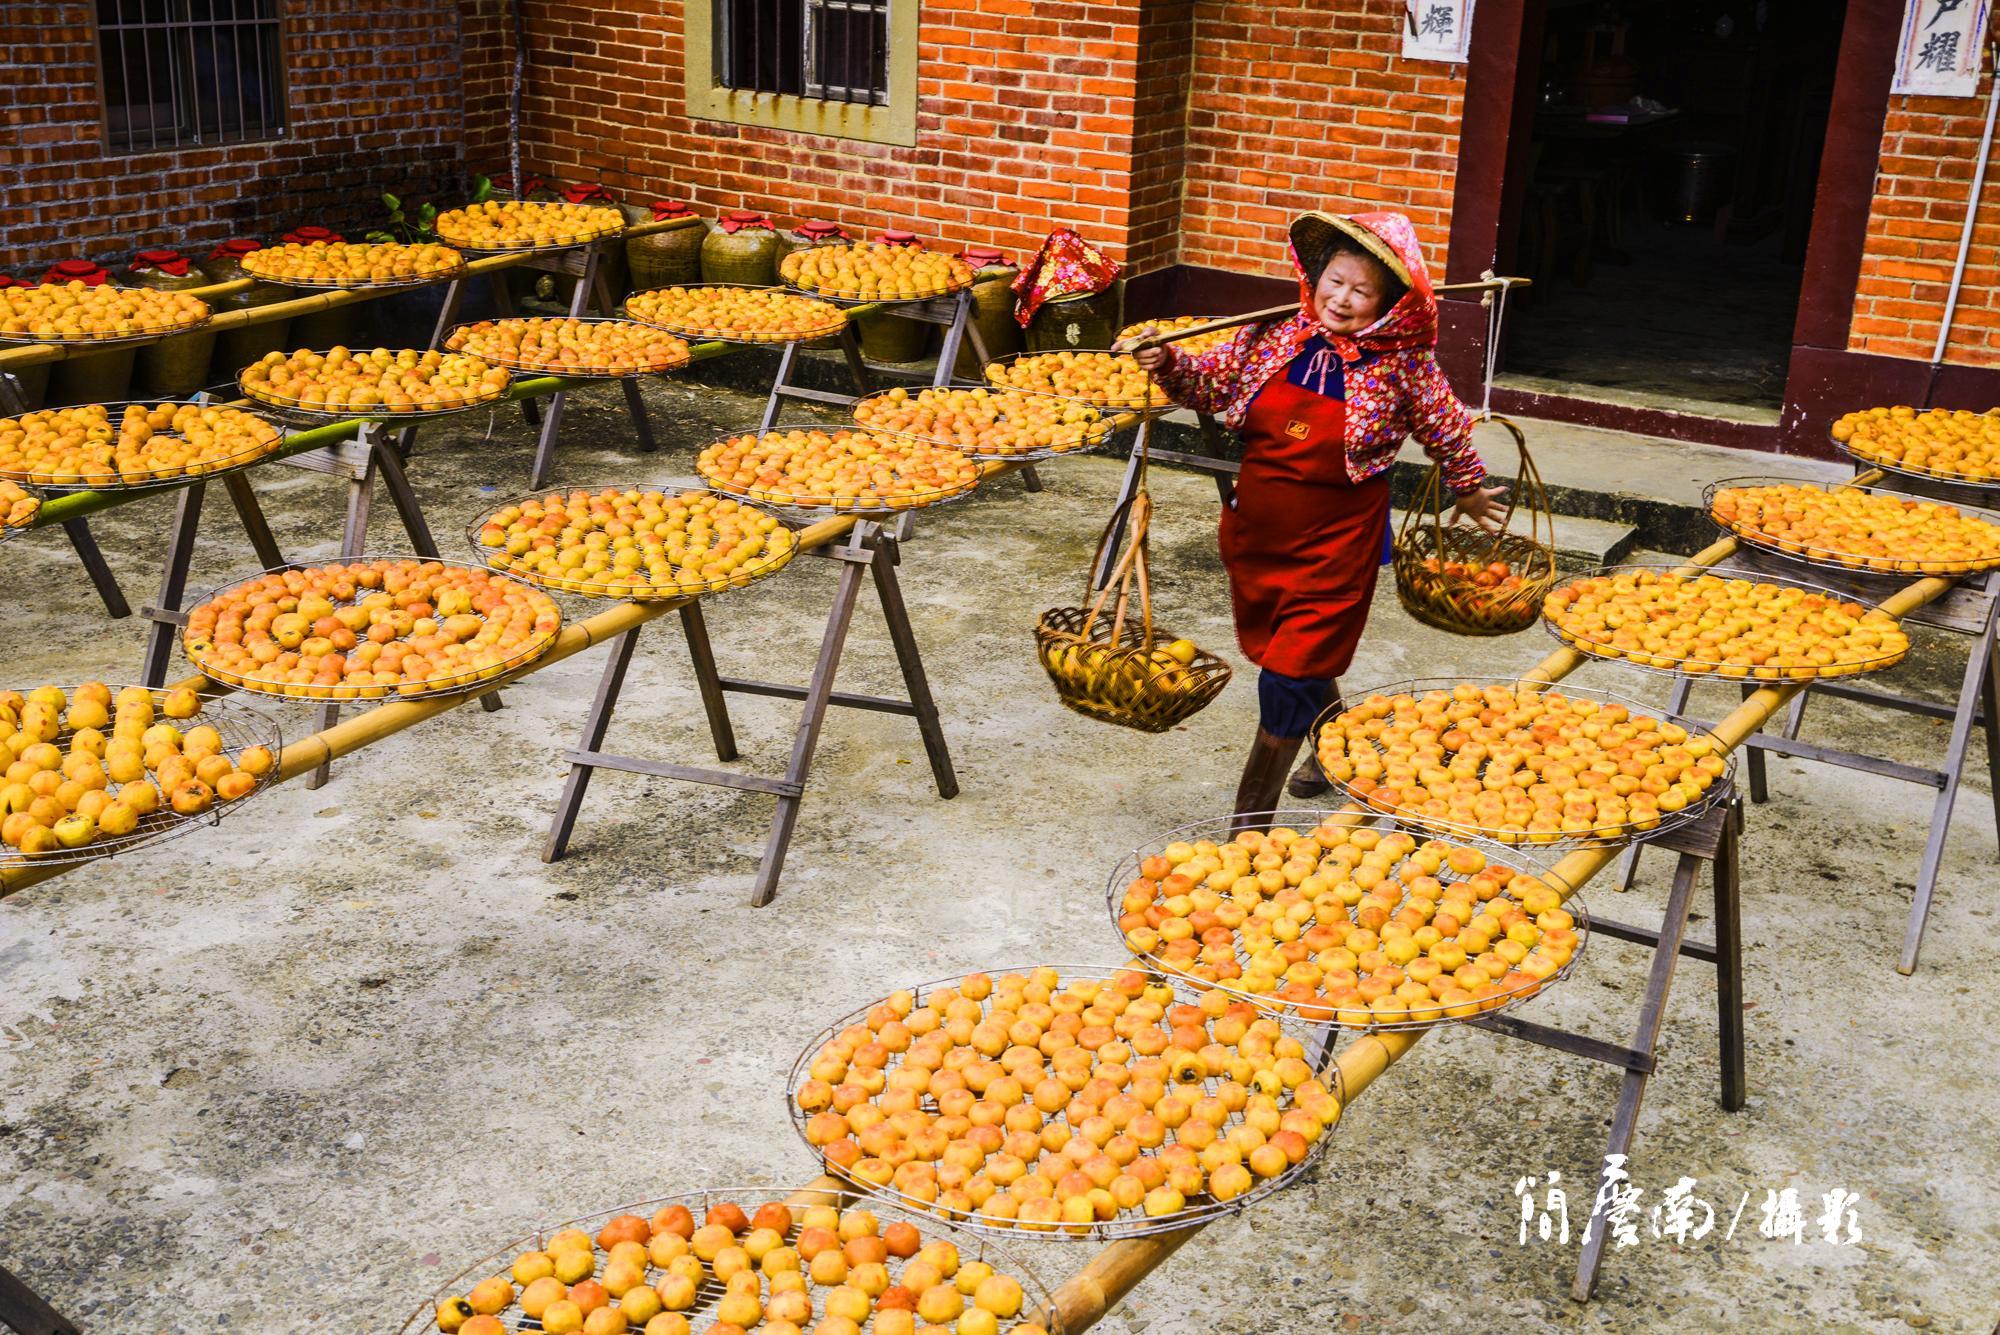 台灣.新竹|秋天必拍新埔的曬柿餅 你知道他是怎麼被發現的嗎?